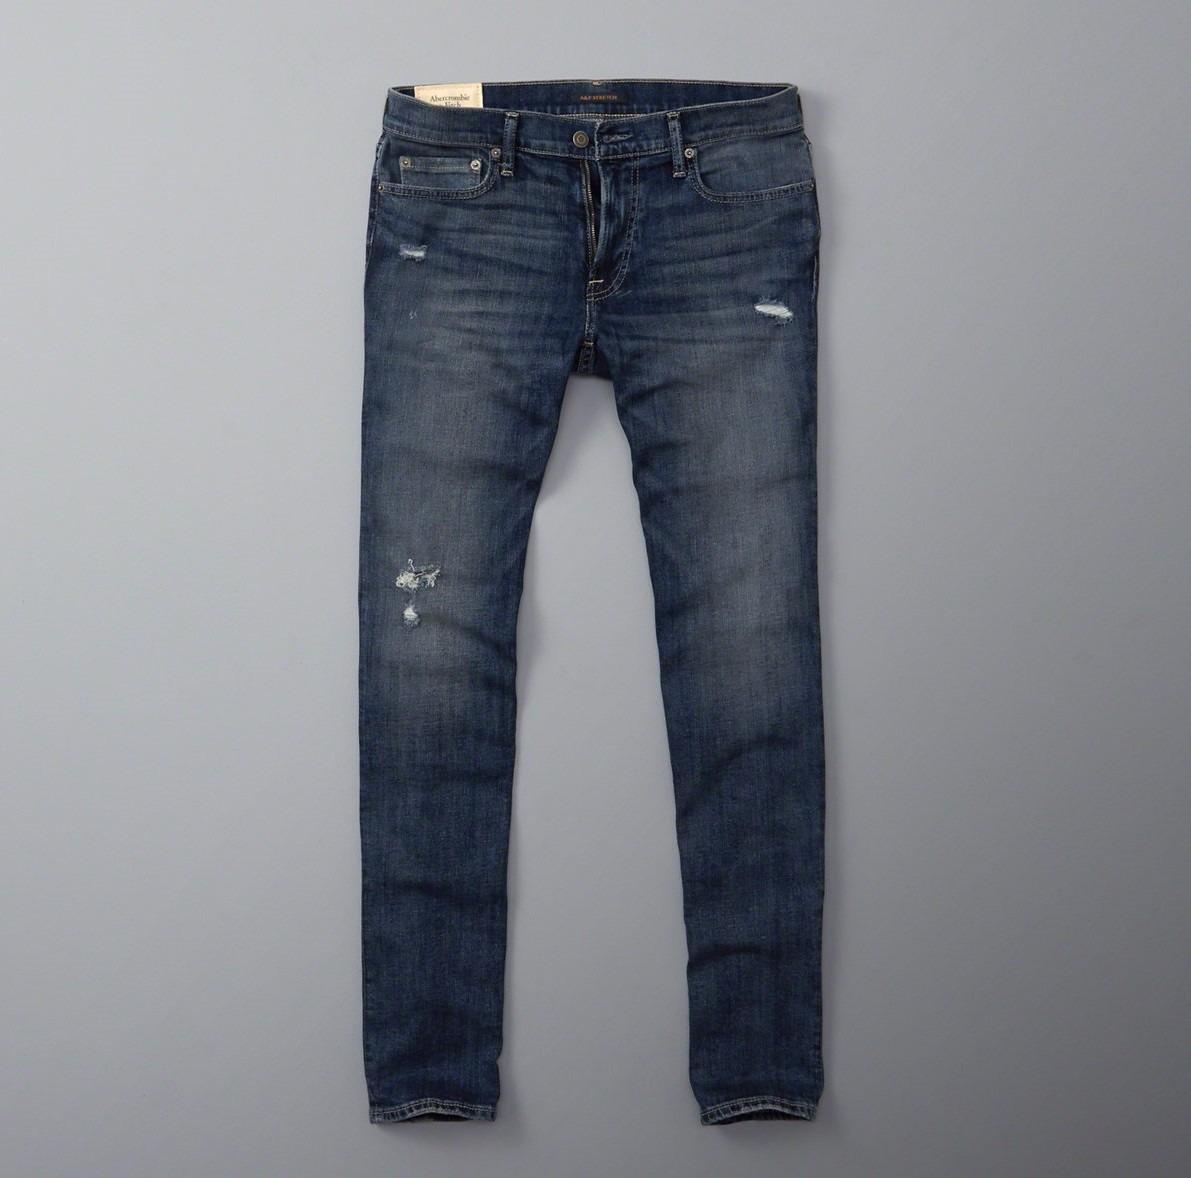 Pantalones Abercrombie & Fitch Para Hombre